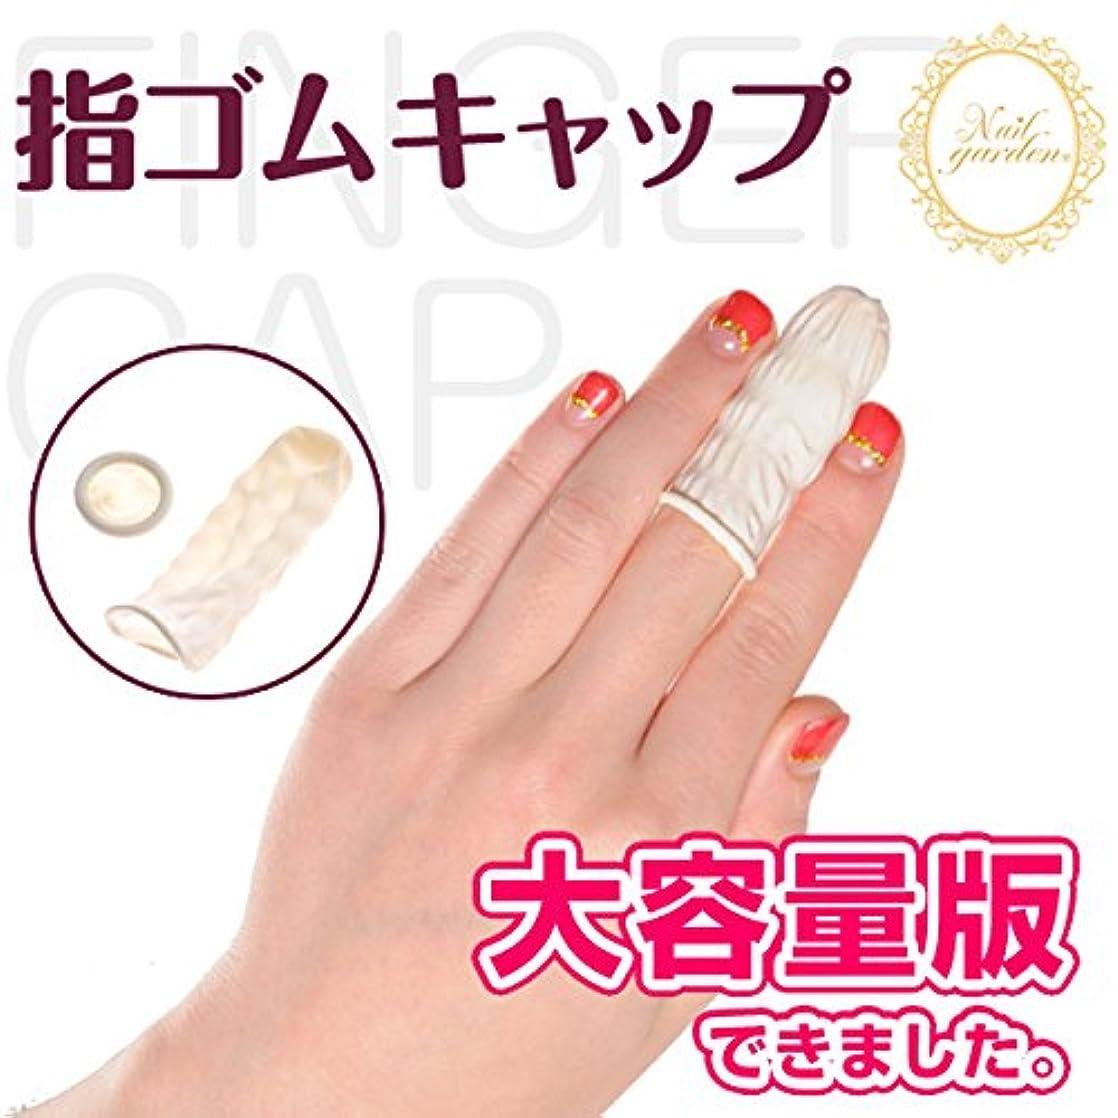 指ゴムキャップ☆ジェルネイルオフ用☆100個入り/ジェルネイル カラージェル ネイル用品